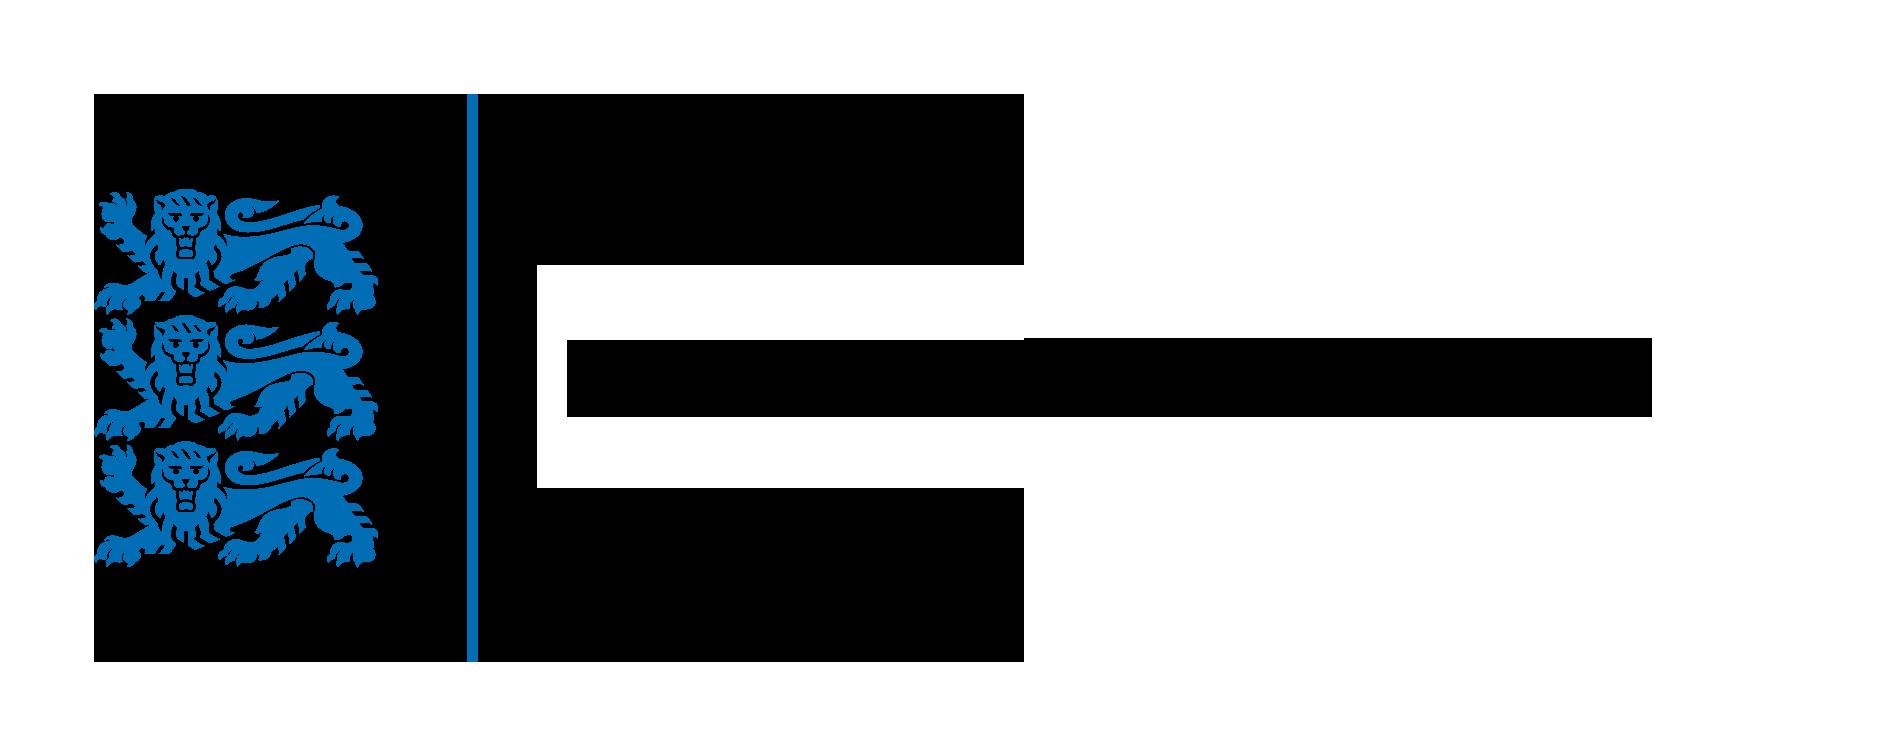 src/assets/images/logo-est.png